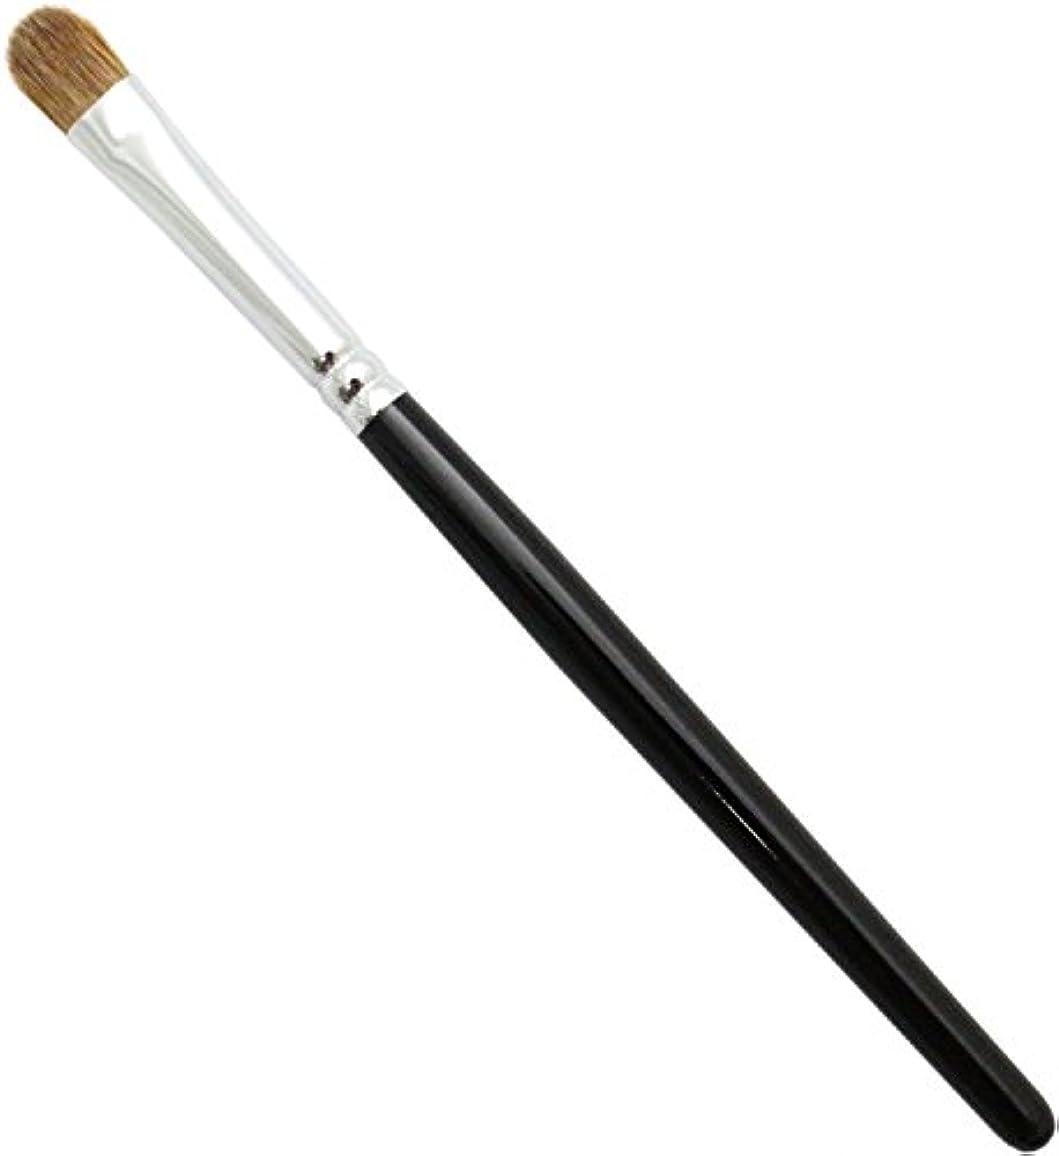 低い秀でる政治家熊野筆 メイクブラシ SRシリーズ アイシャドウブラシ 小 イタチ毛